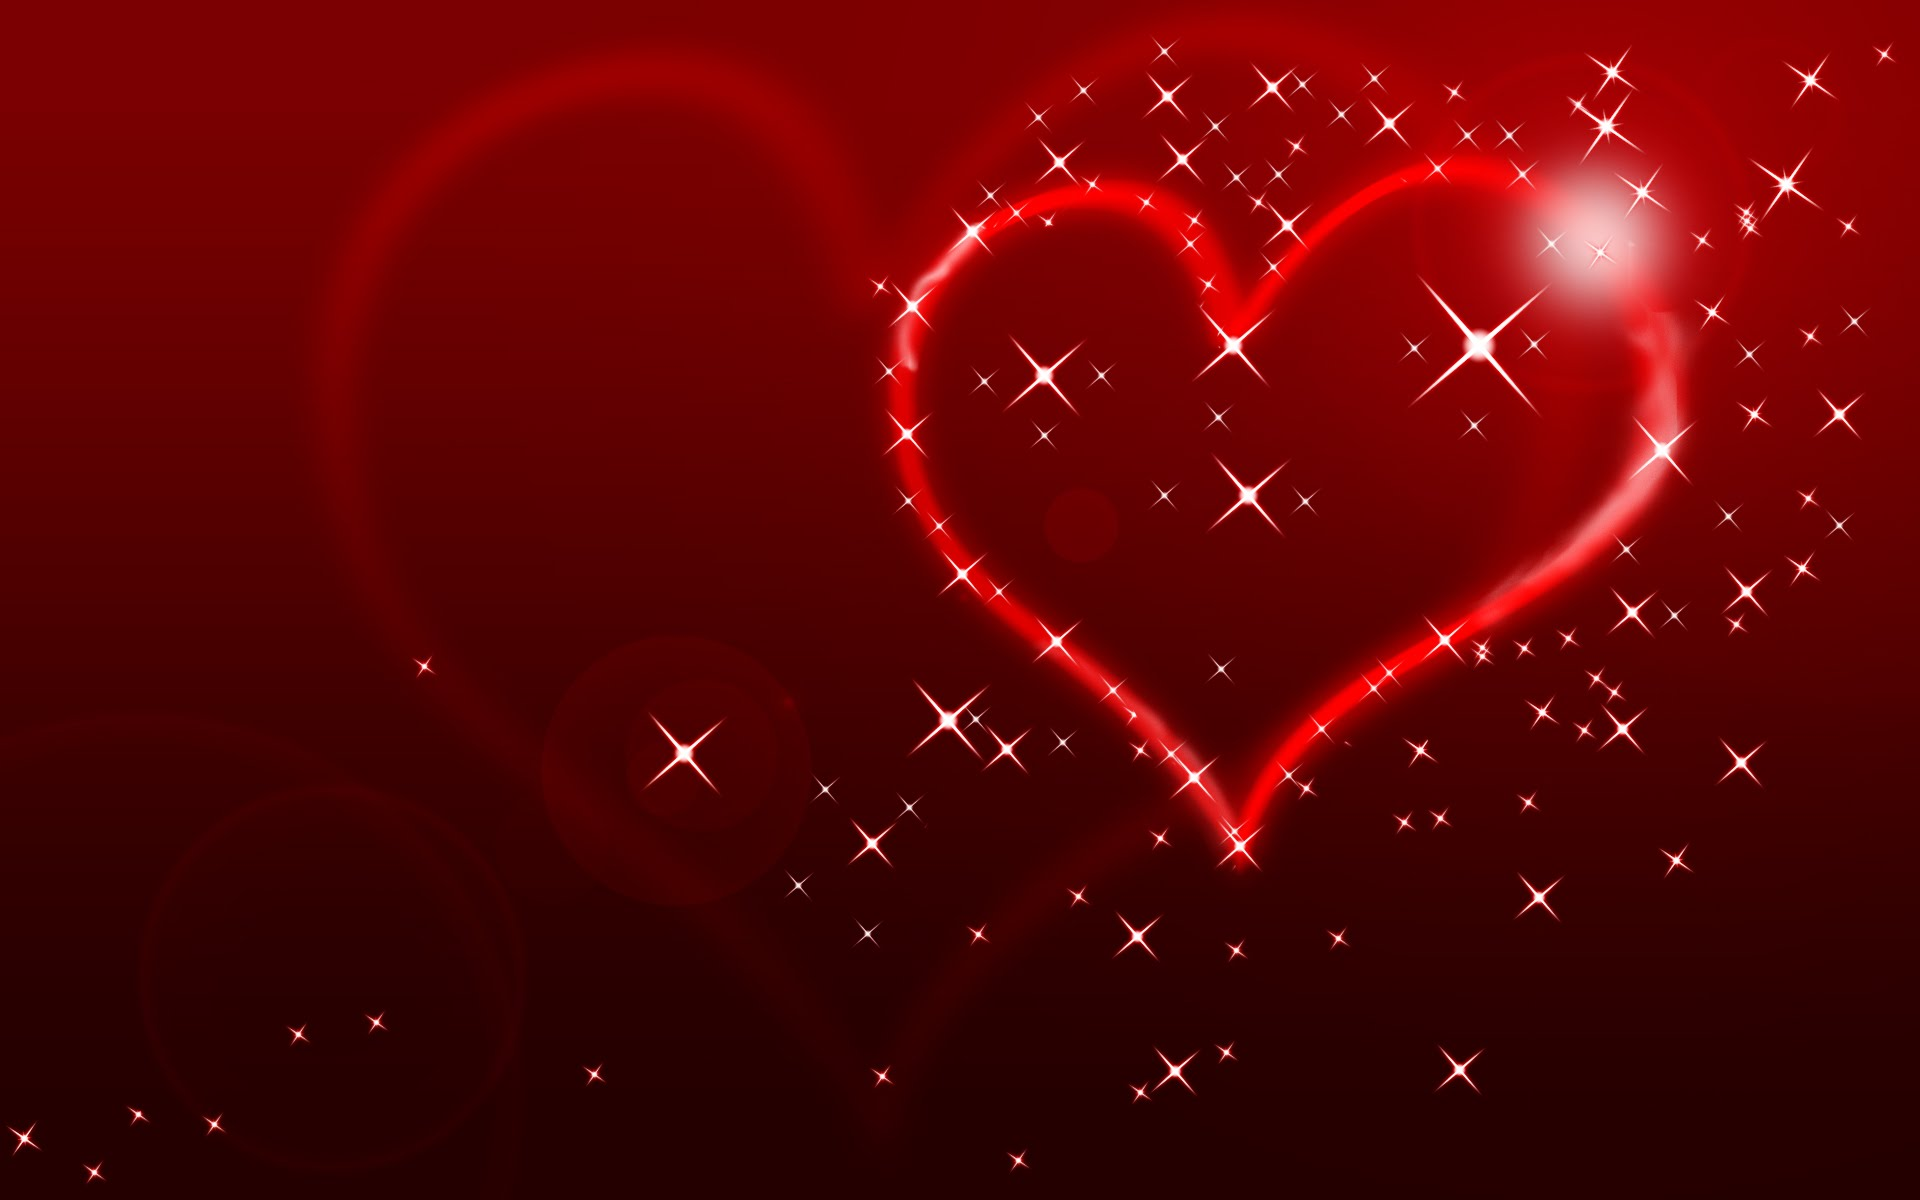 صورة قلوب رومانسية